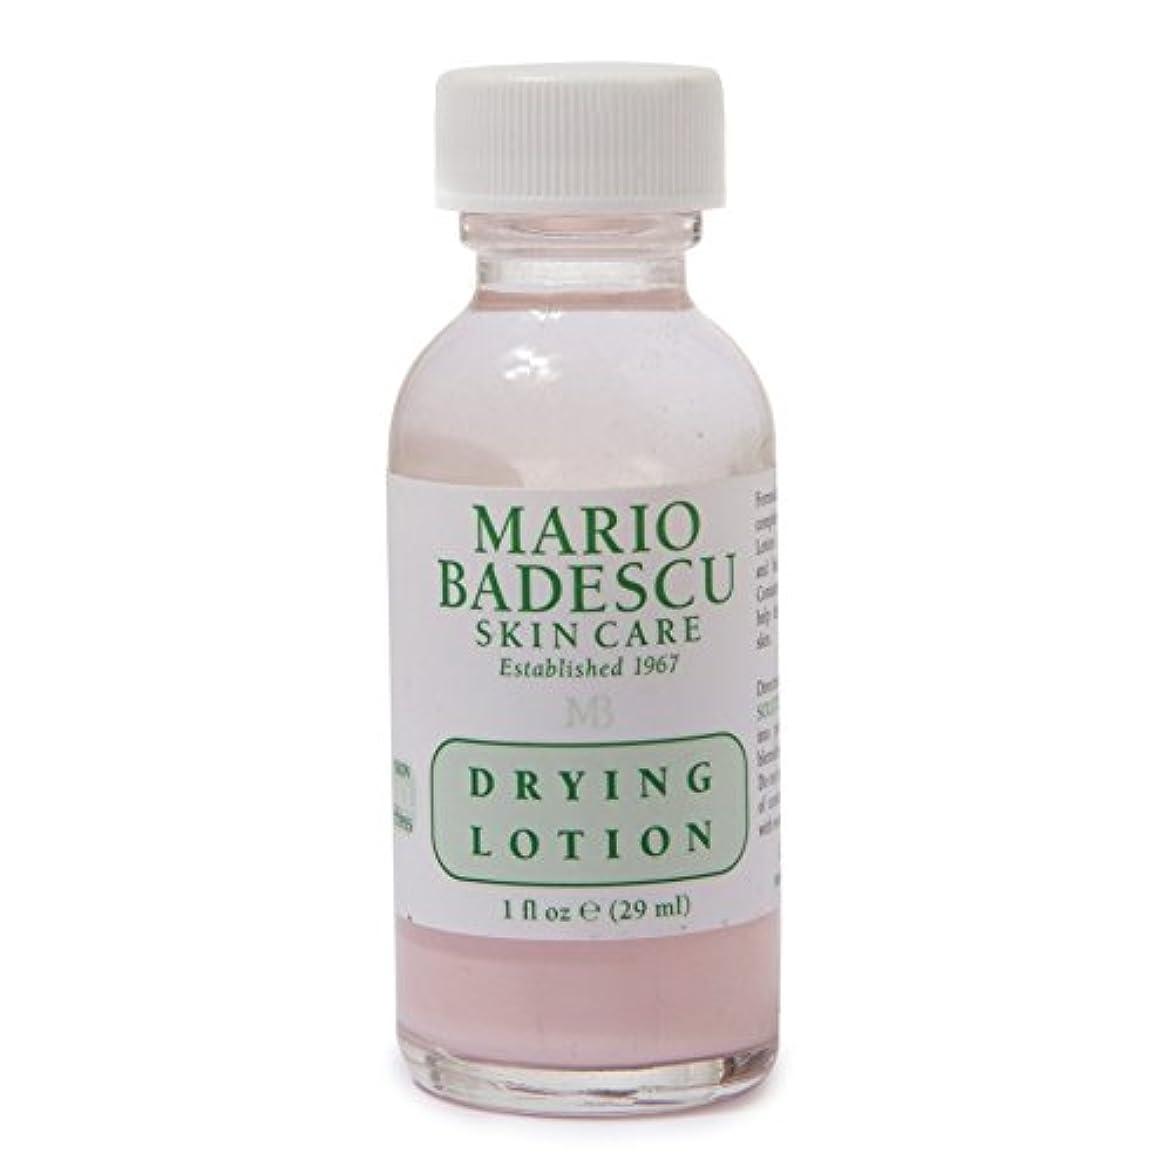 ブラウン平日青マリオ乾燥ローション29ミリリットル x2 - Mario Badescu Drying Lotion 29ml (Pack of 2) [並行輸入品]